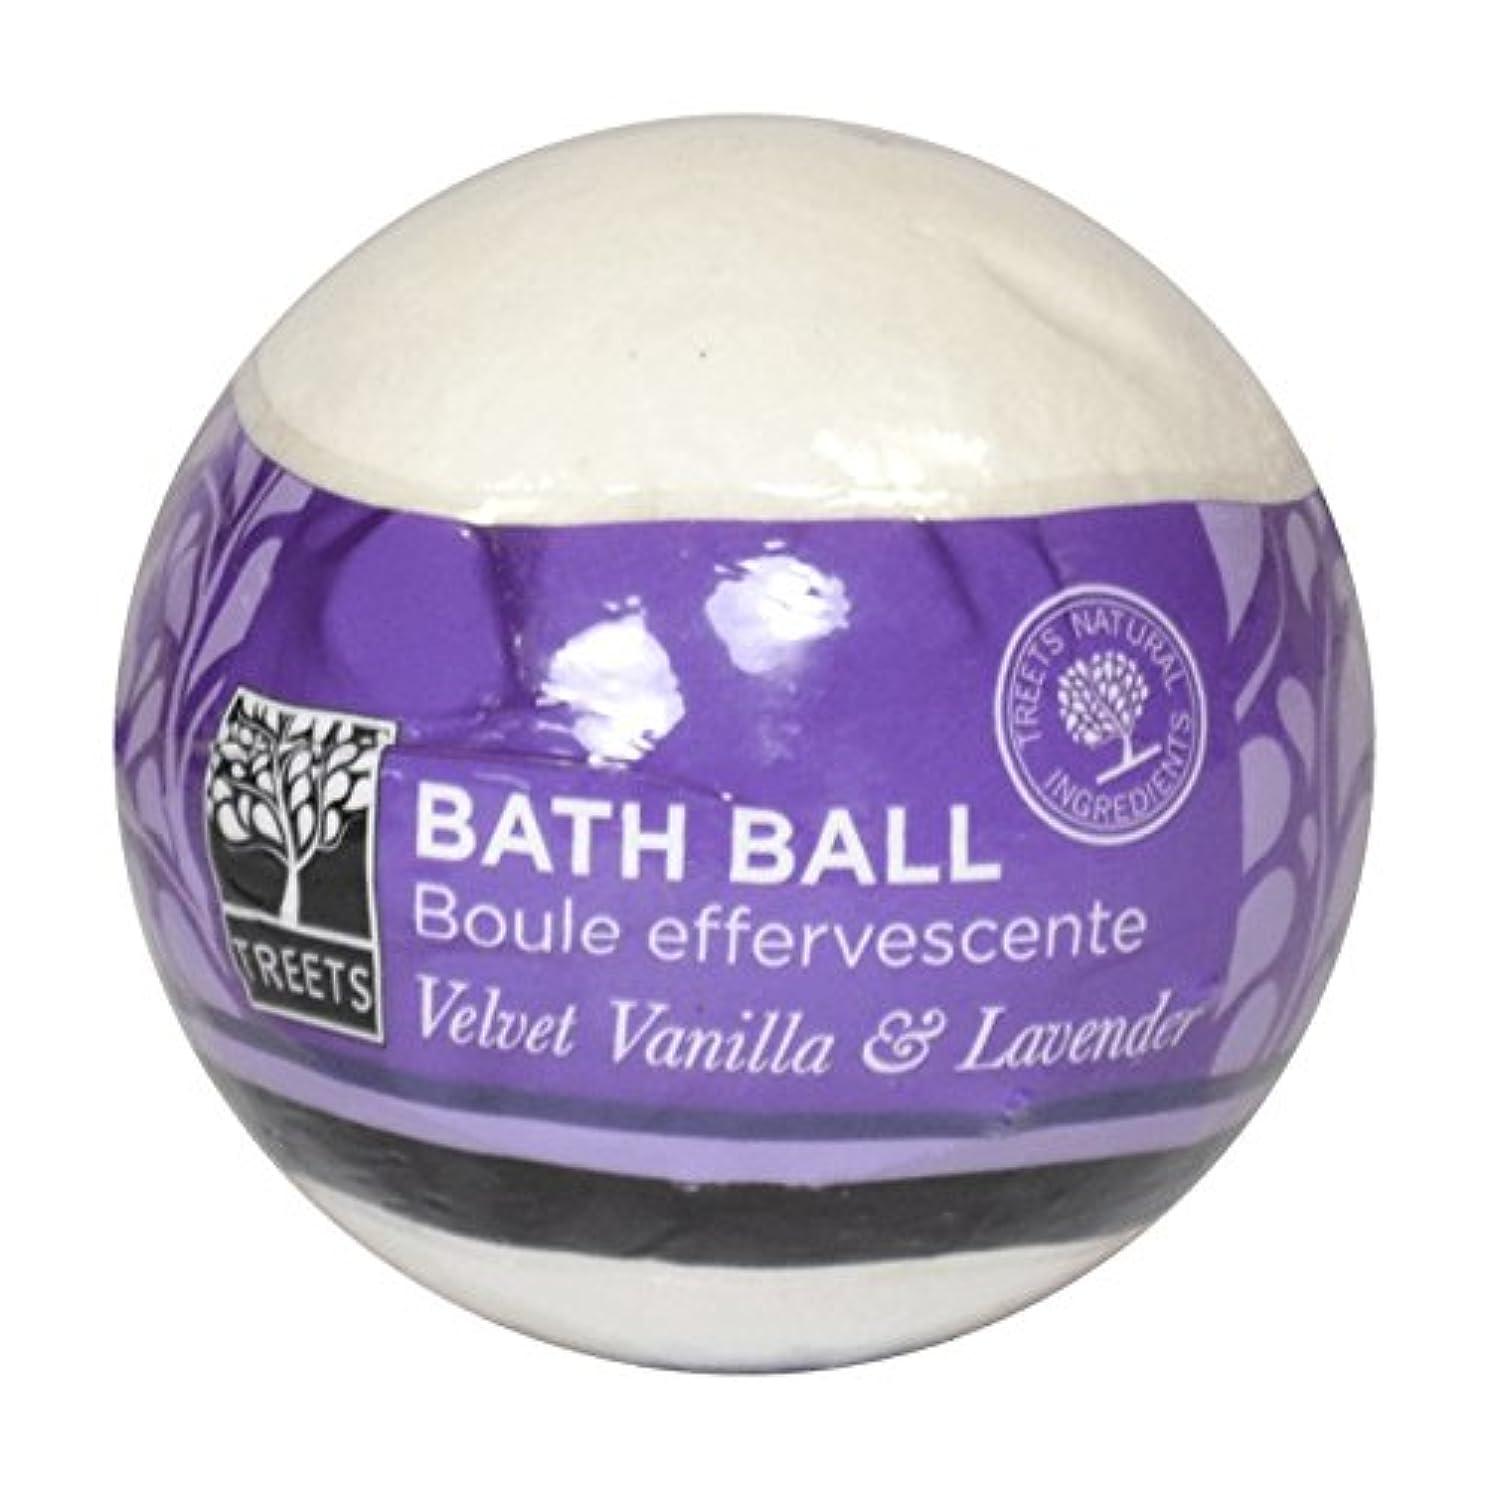 誇りに思う計器適応的Treetsベルベットのバニラ&ラベンダーバスボール - Treets Velvet Vanilla & Lavender Bath Ball (Treets) [並行輸入品]